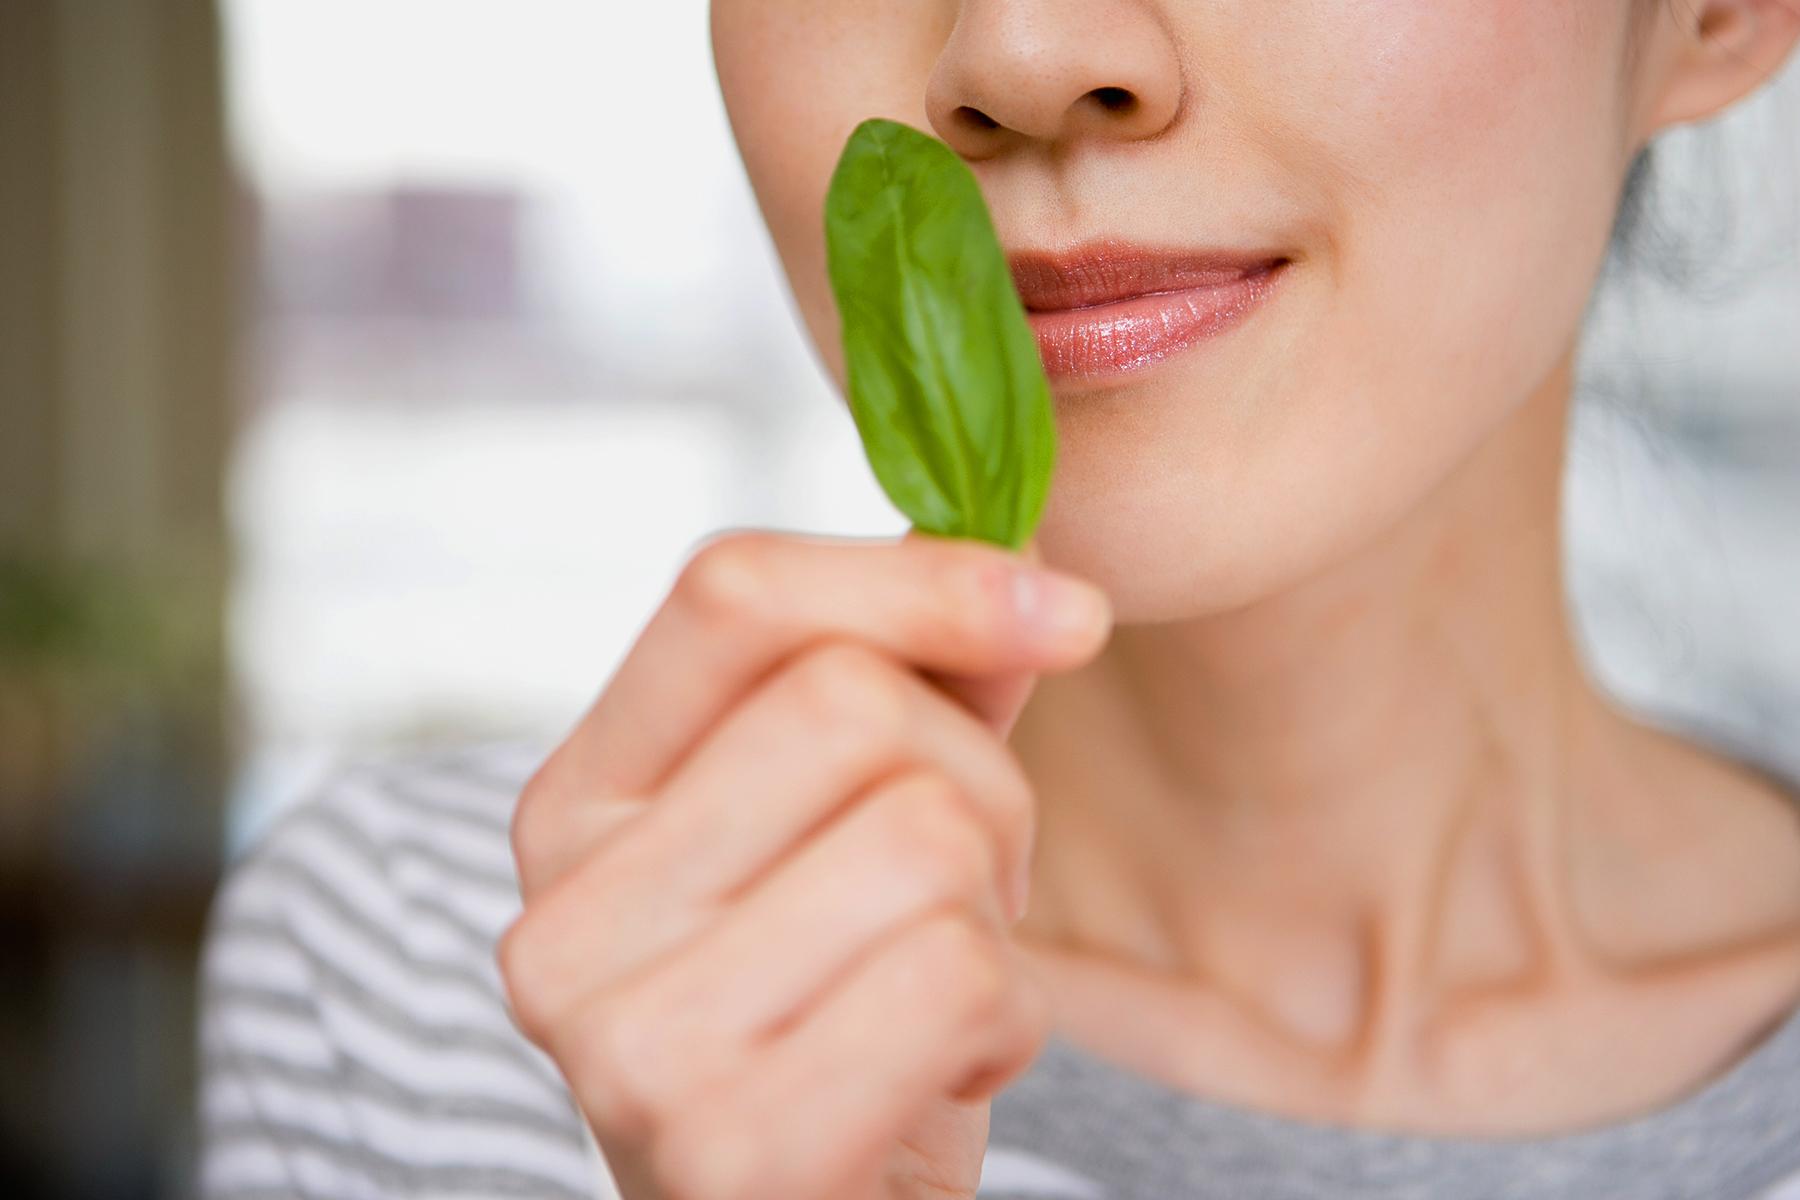 از بین رفتن حس چشایی و بویایی در کرونا نشانه خوبی است؟